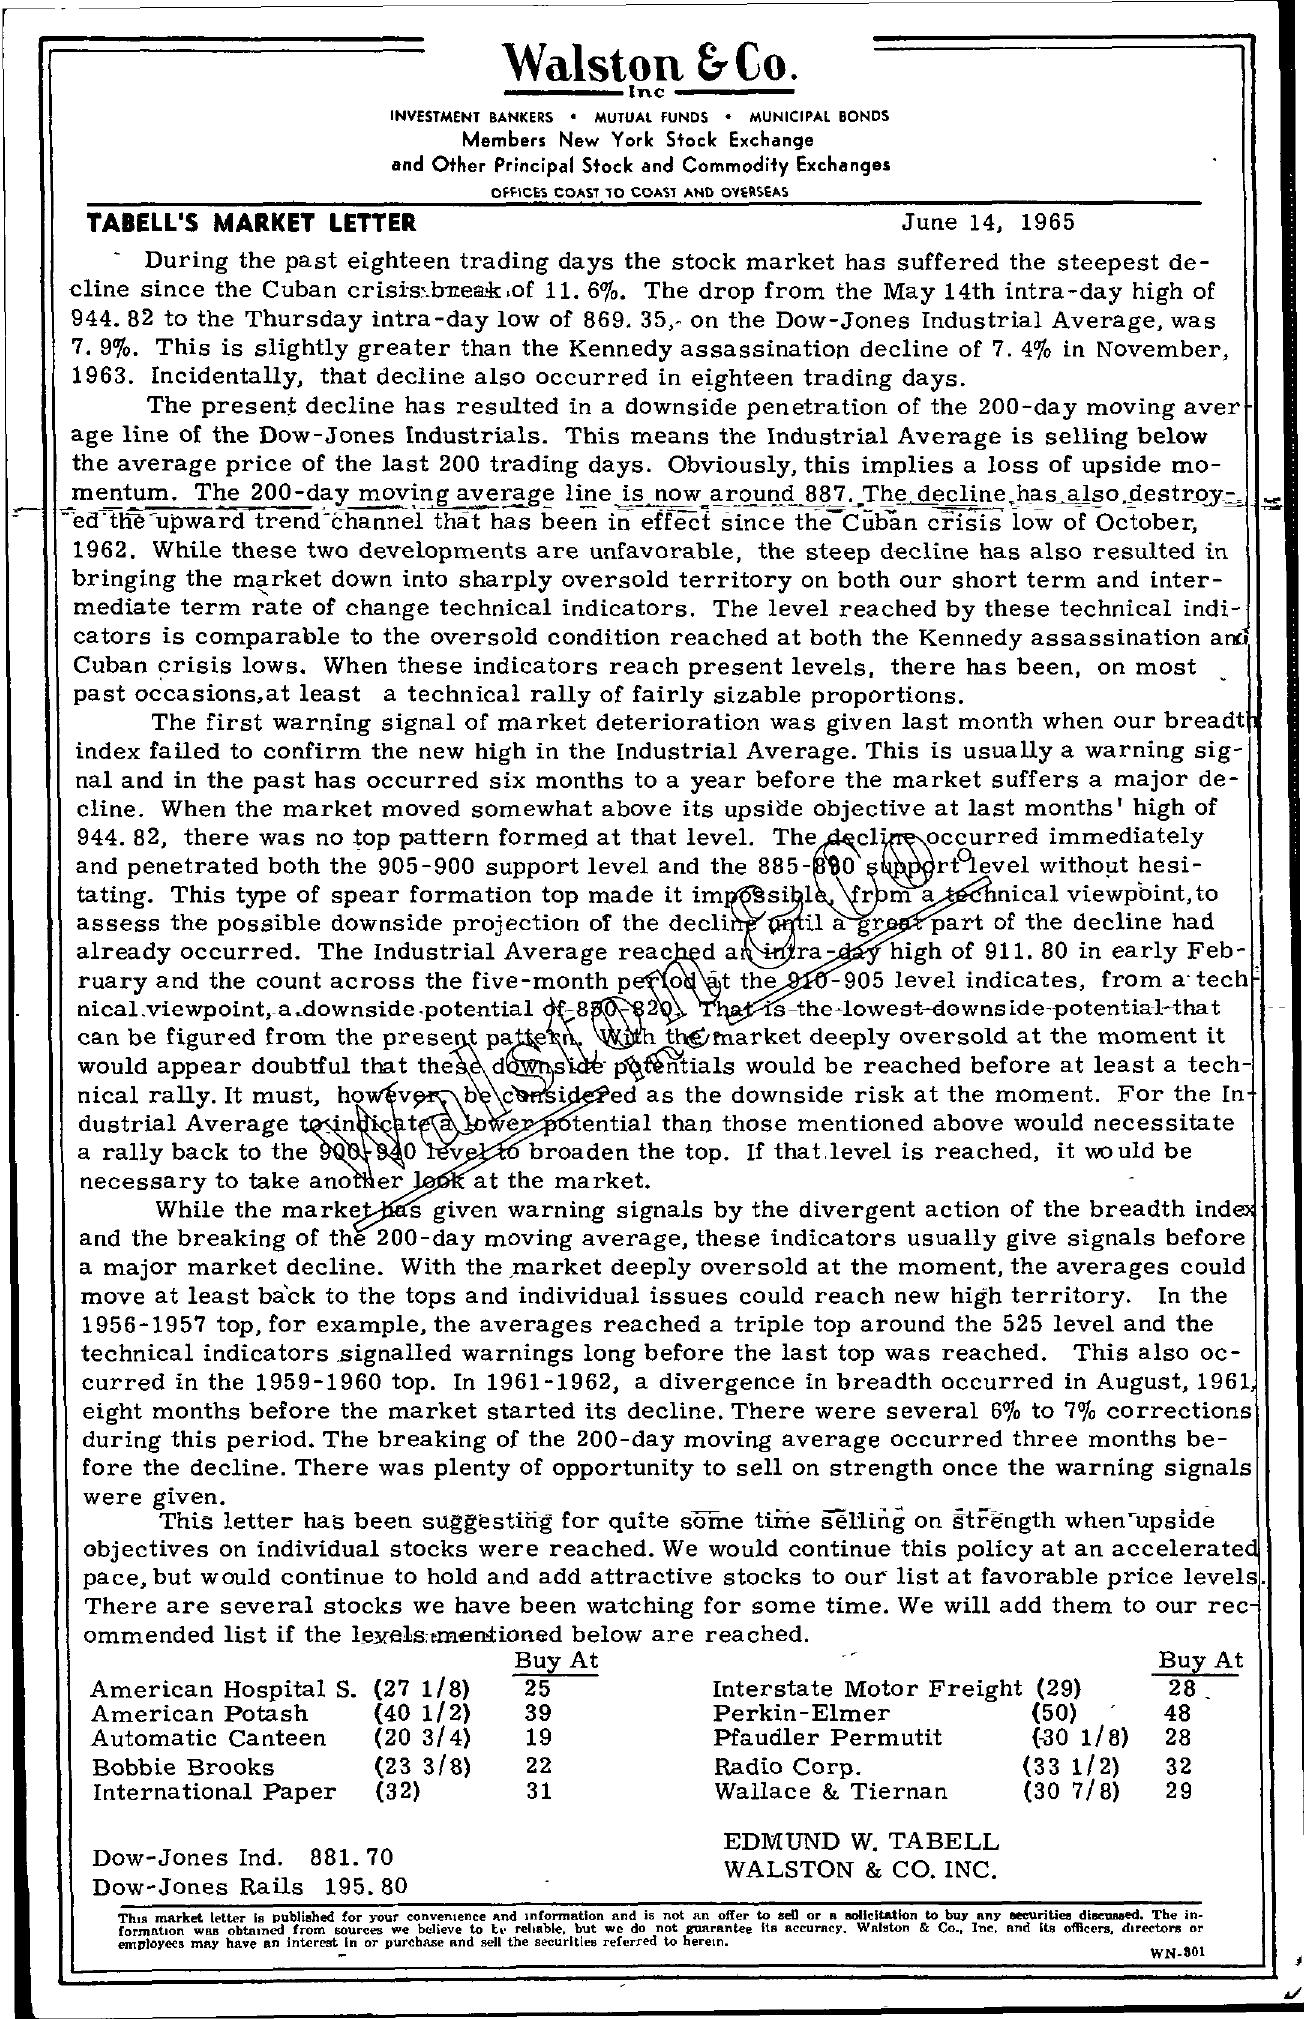 Tabell's Market Letter - June 14, 1965